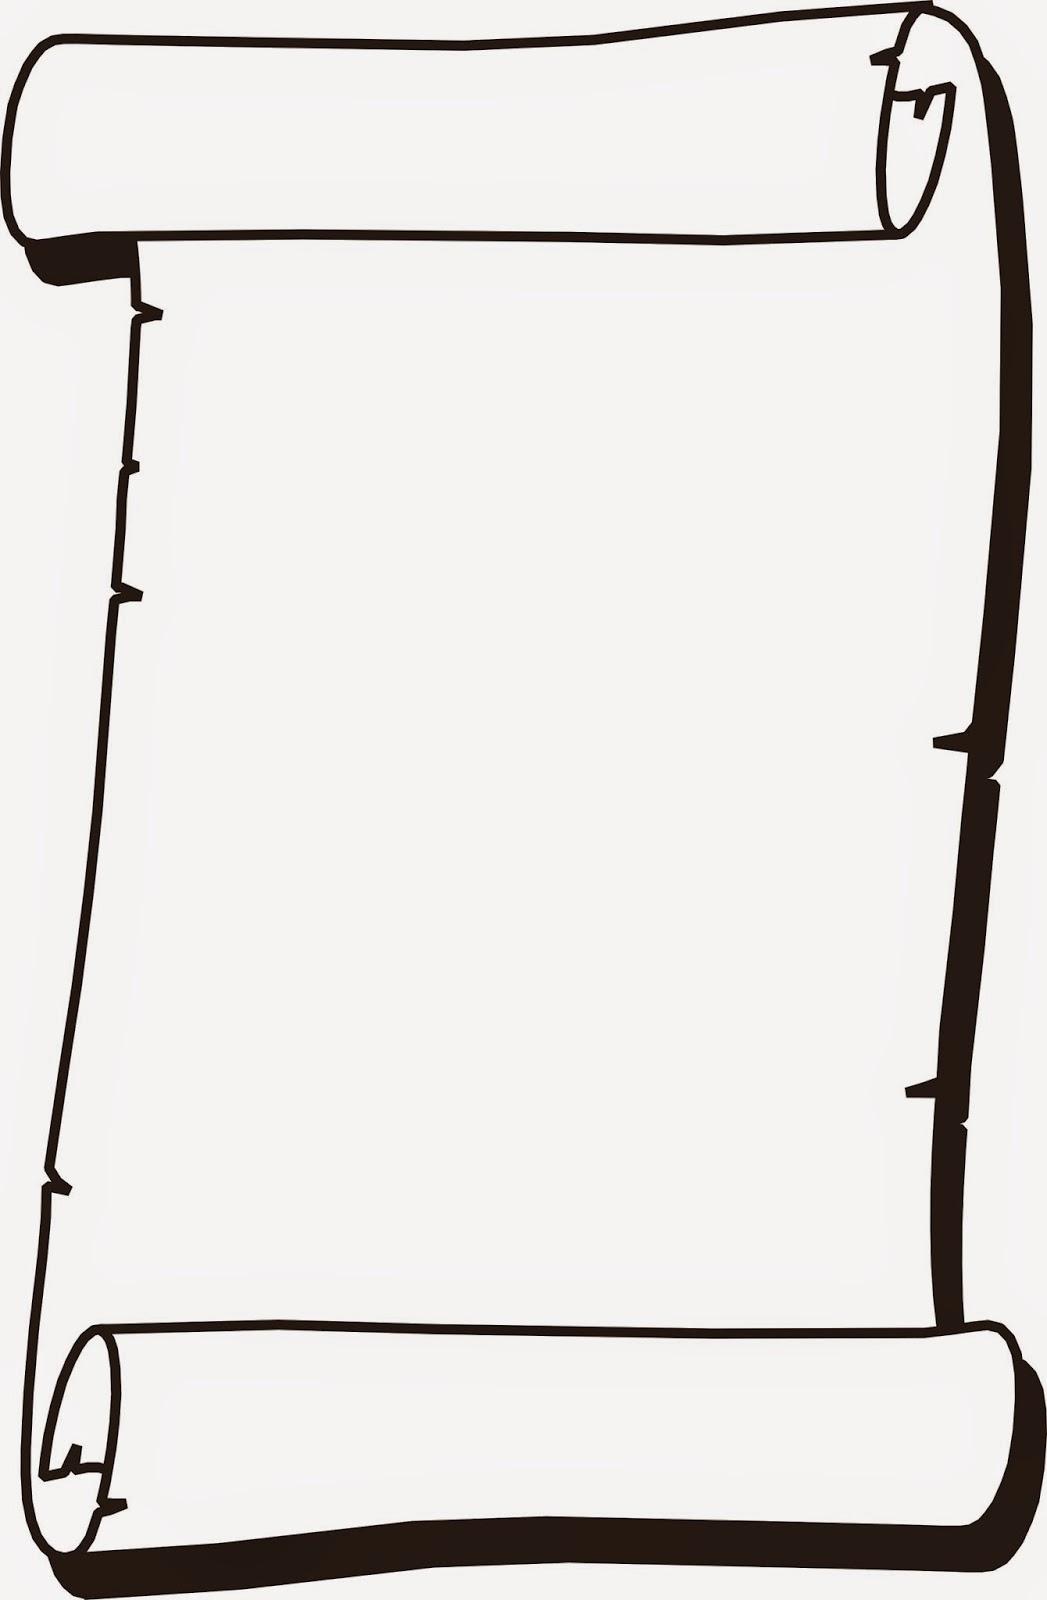 Potong-potong kertas origami/koran dan majalah bekas sesuai warna yang diinginkan menggunakan gunting ataupun pelubang kertas, Polesi kertas gambar yang telah diberi sketsa dengan lem.